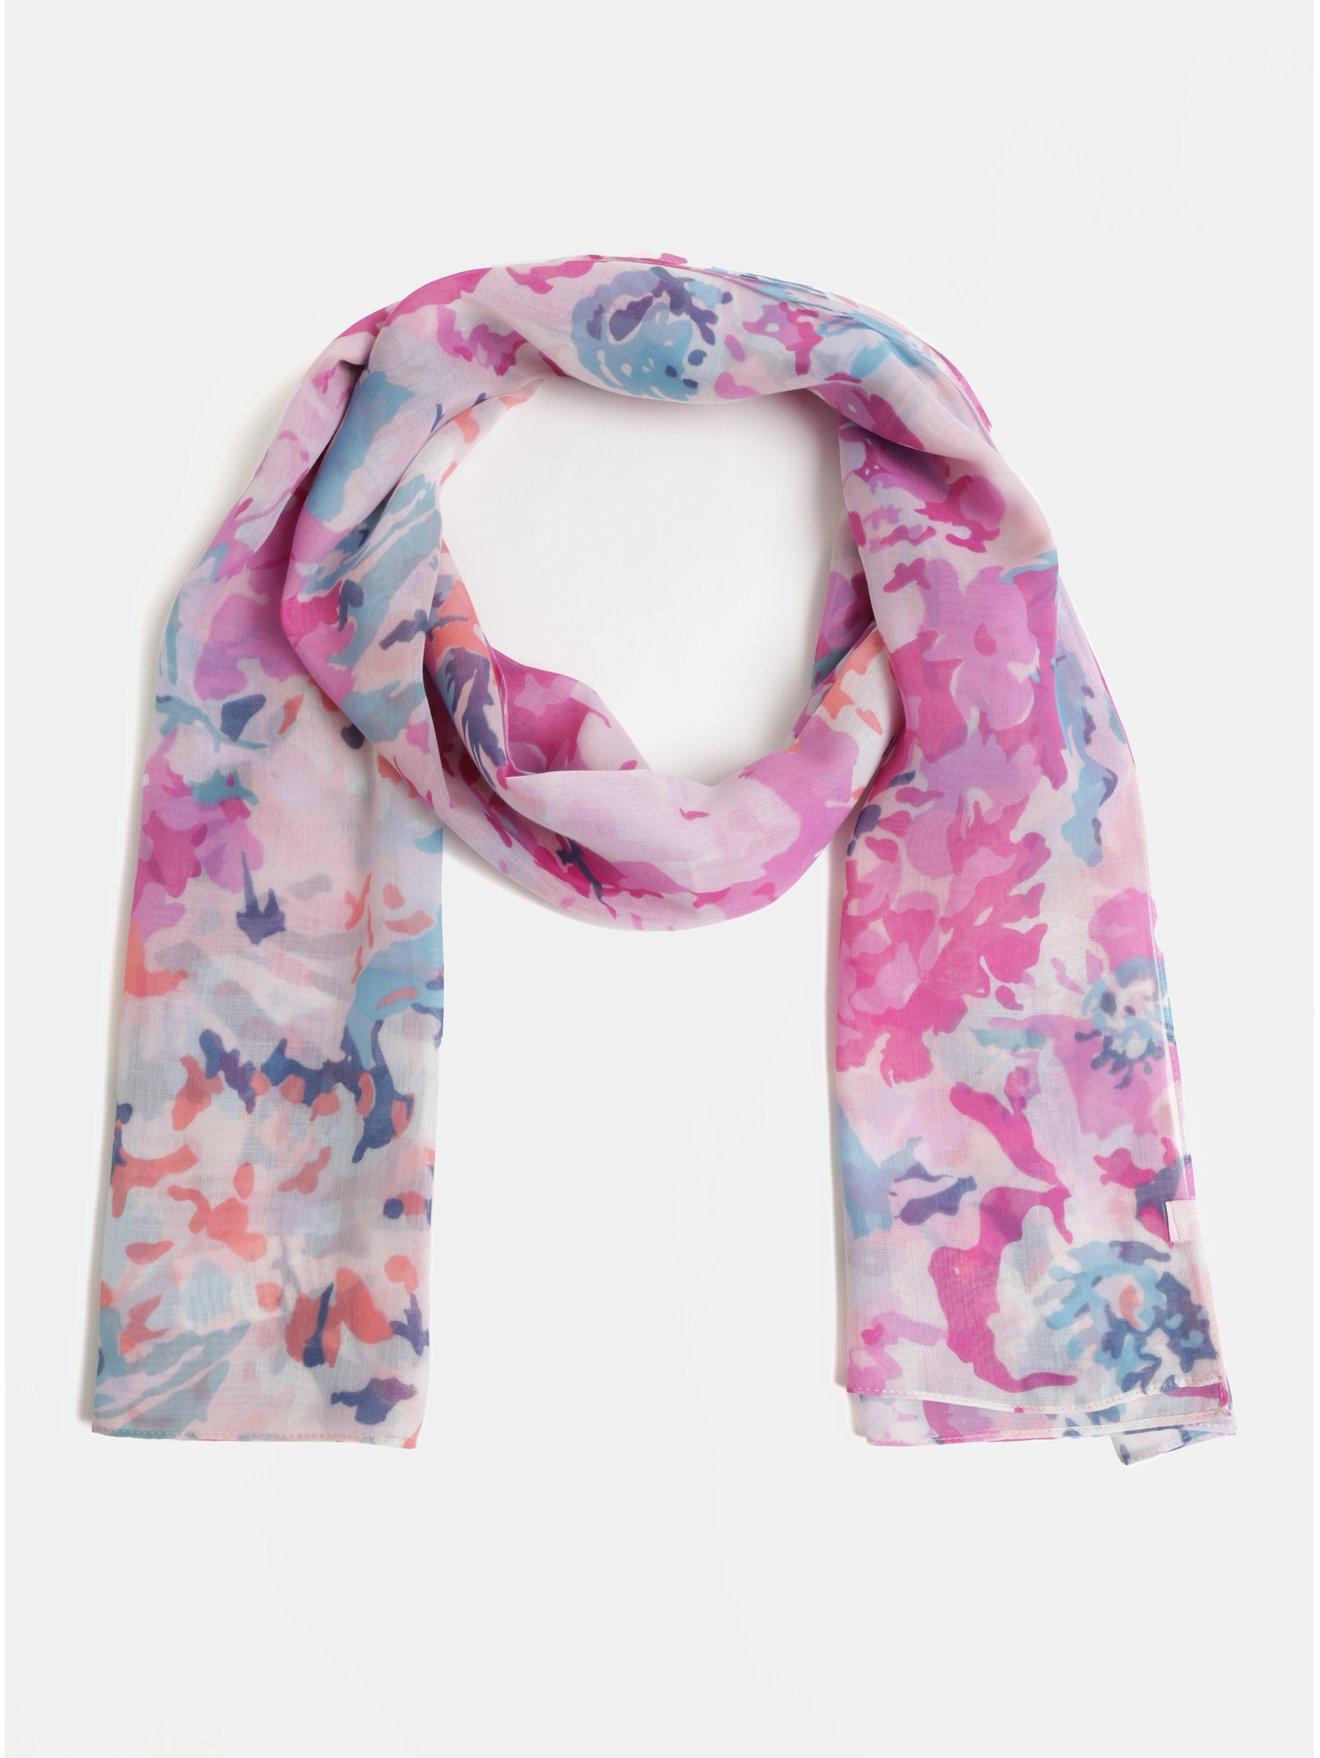 a4c373d90b7 Modro-růžový dámský květovaný šátek Tom Joule